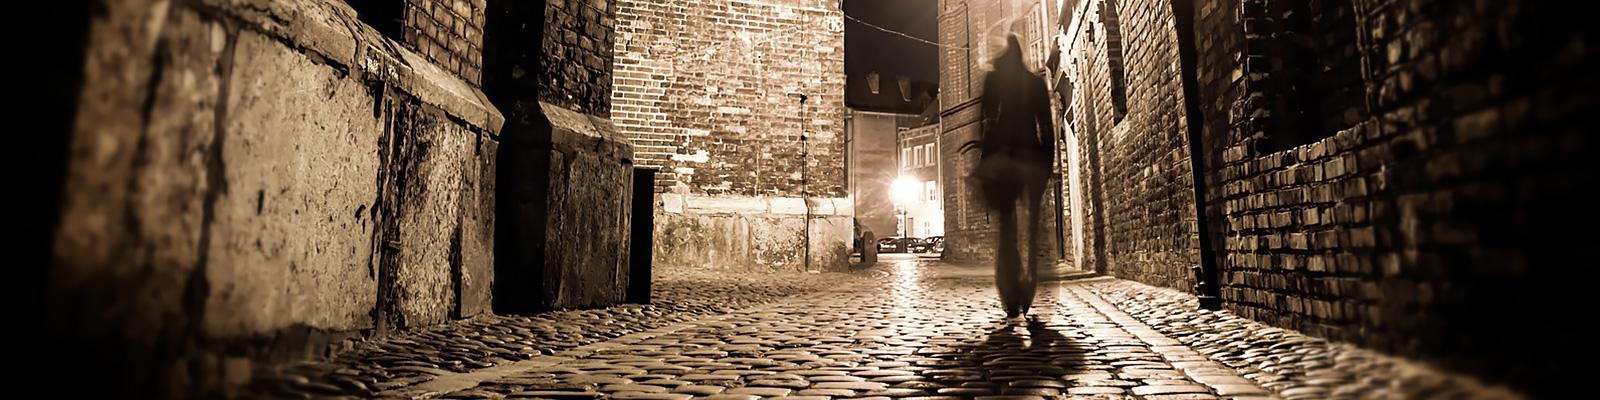 ロンドン 夜 治安 イメージ